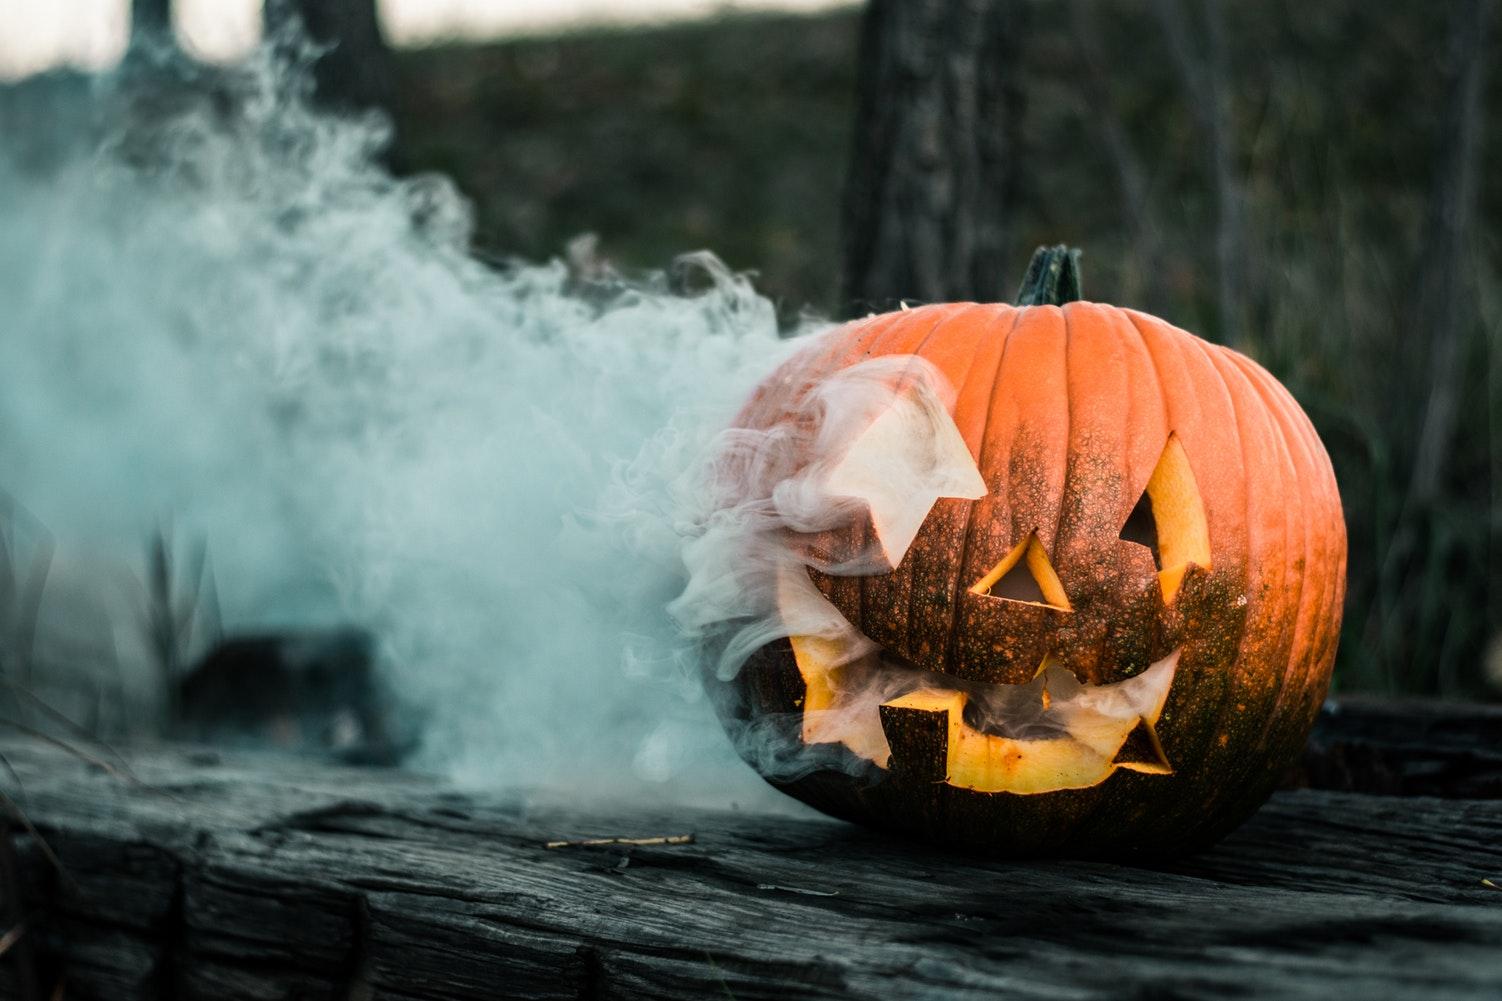 calabaza con humo de halloween